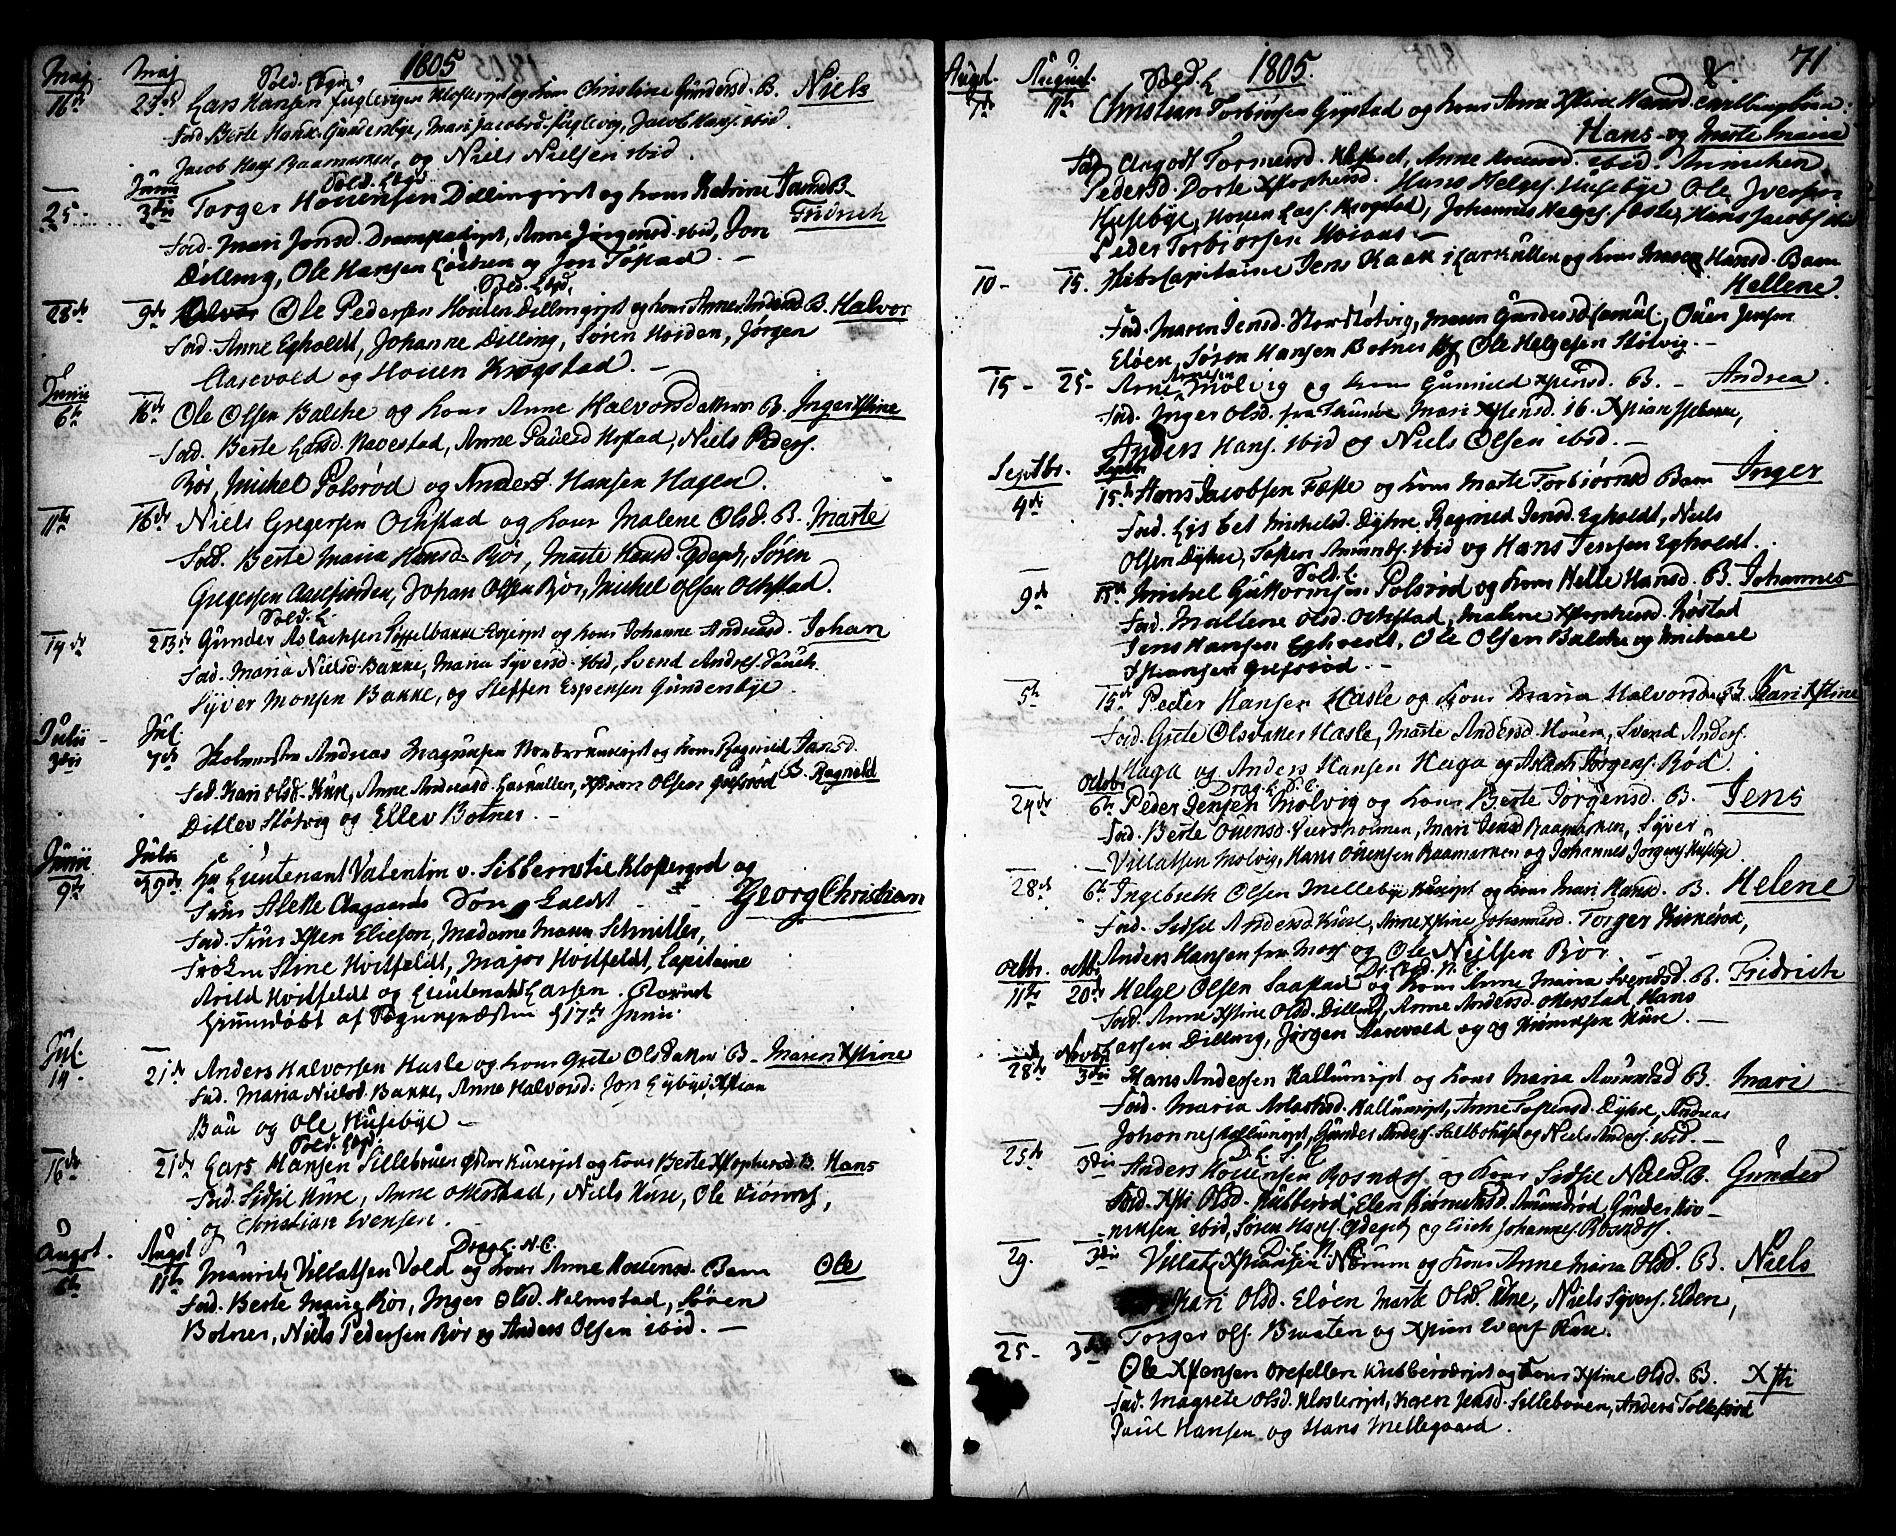 SAO, Rygge prestekontor Kirkebøker, F/Fa/L0002: Ministerialbok nr. 2, 1771-1814, s. 71